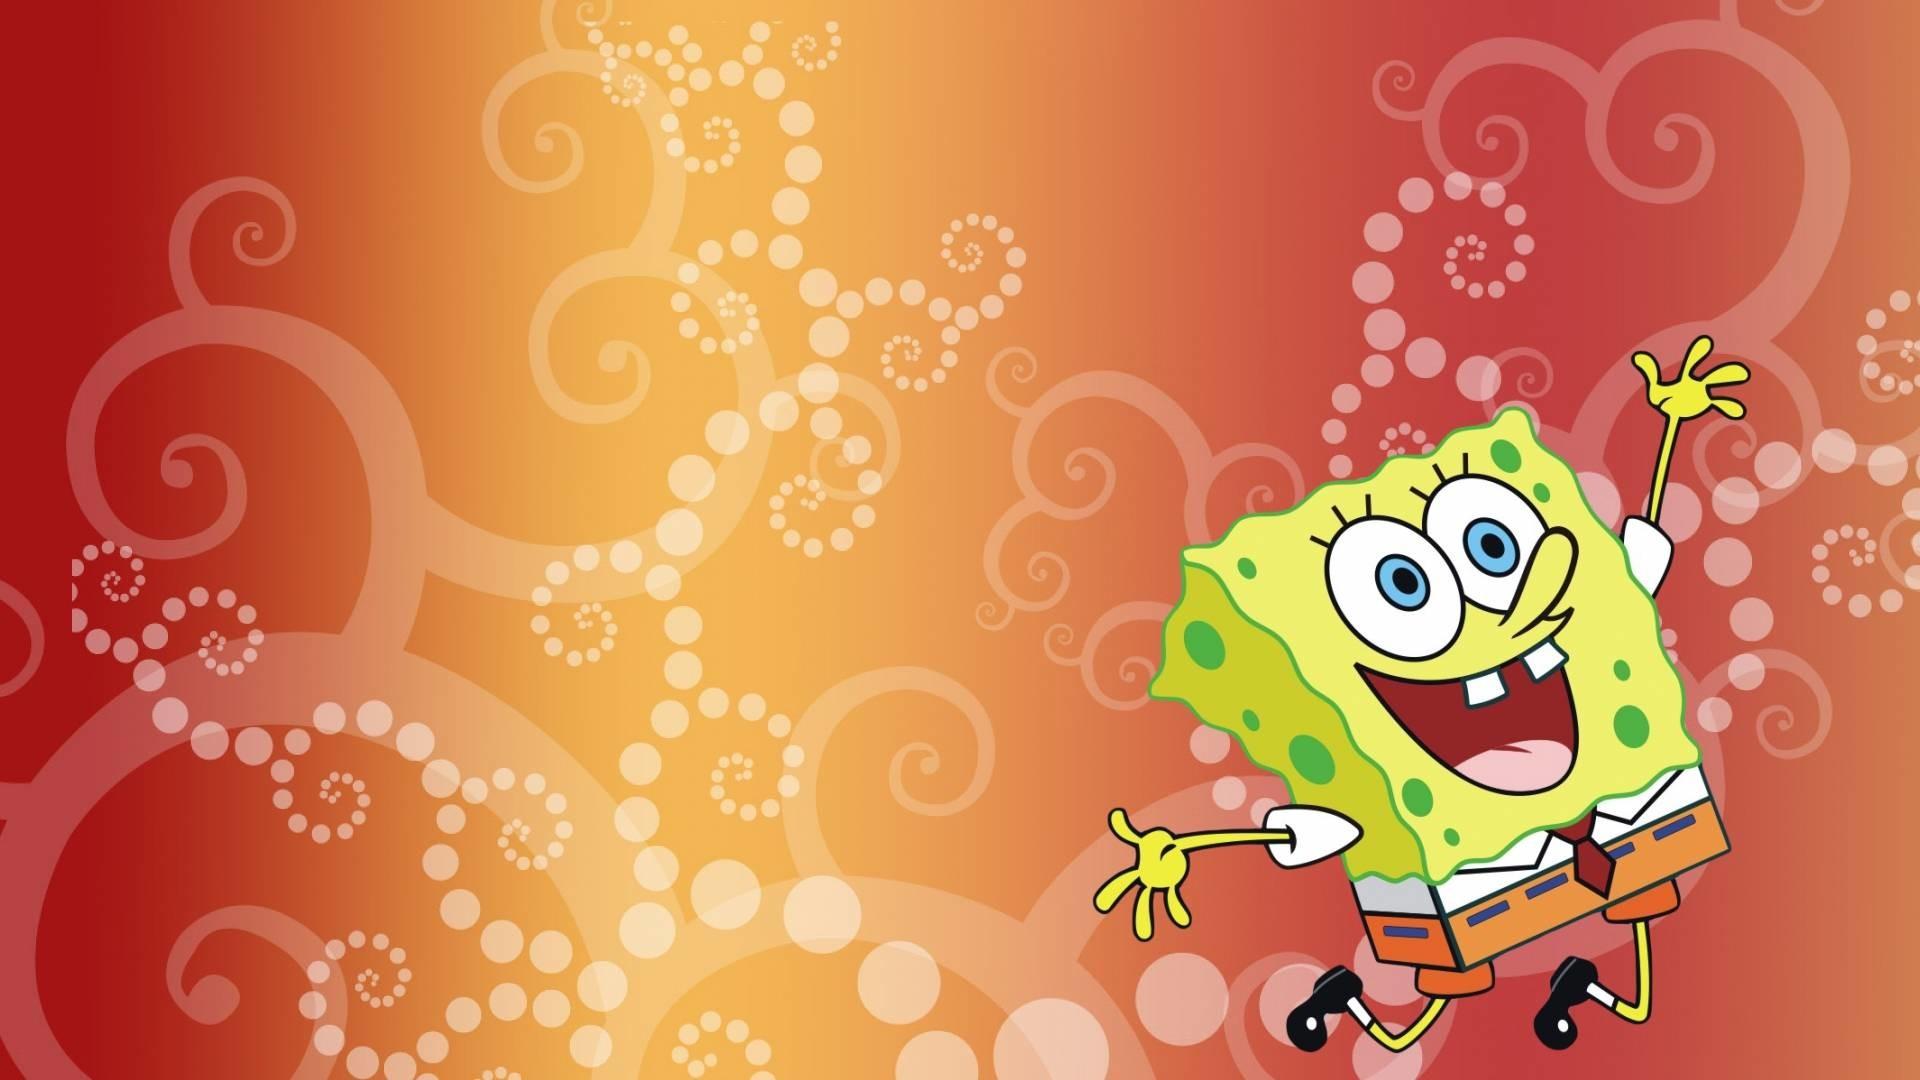 Cool Spongebob wallpaper – SpongeBoB Square Pants Wallpaper